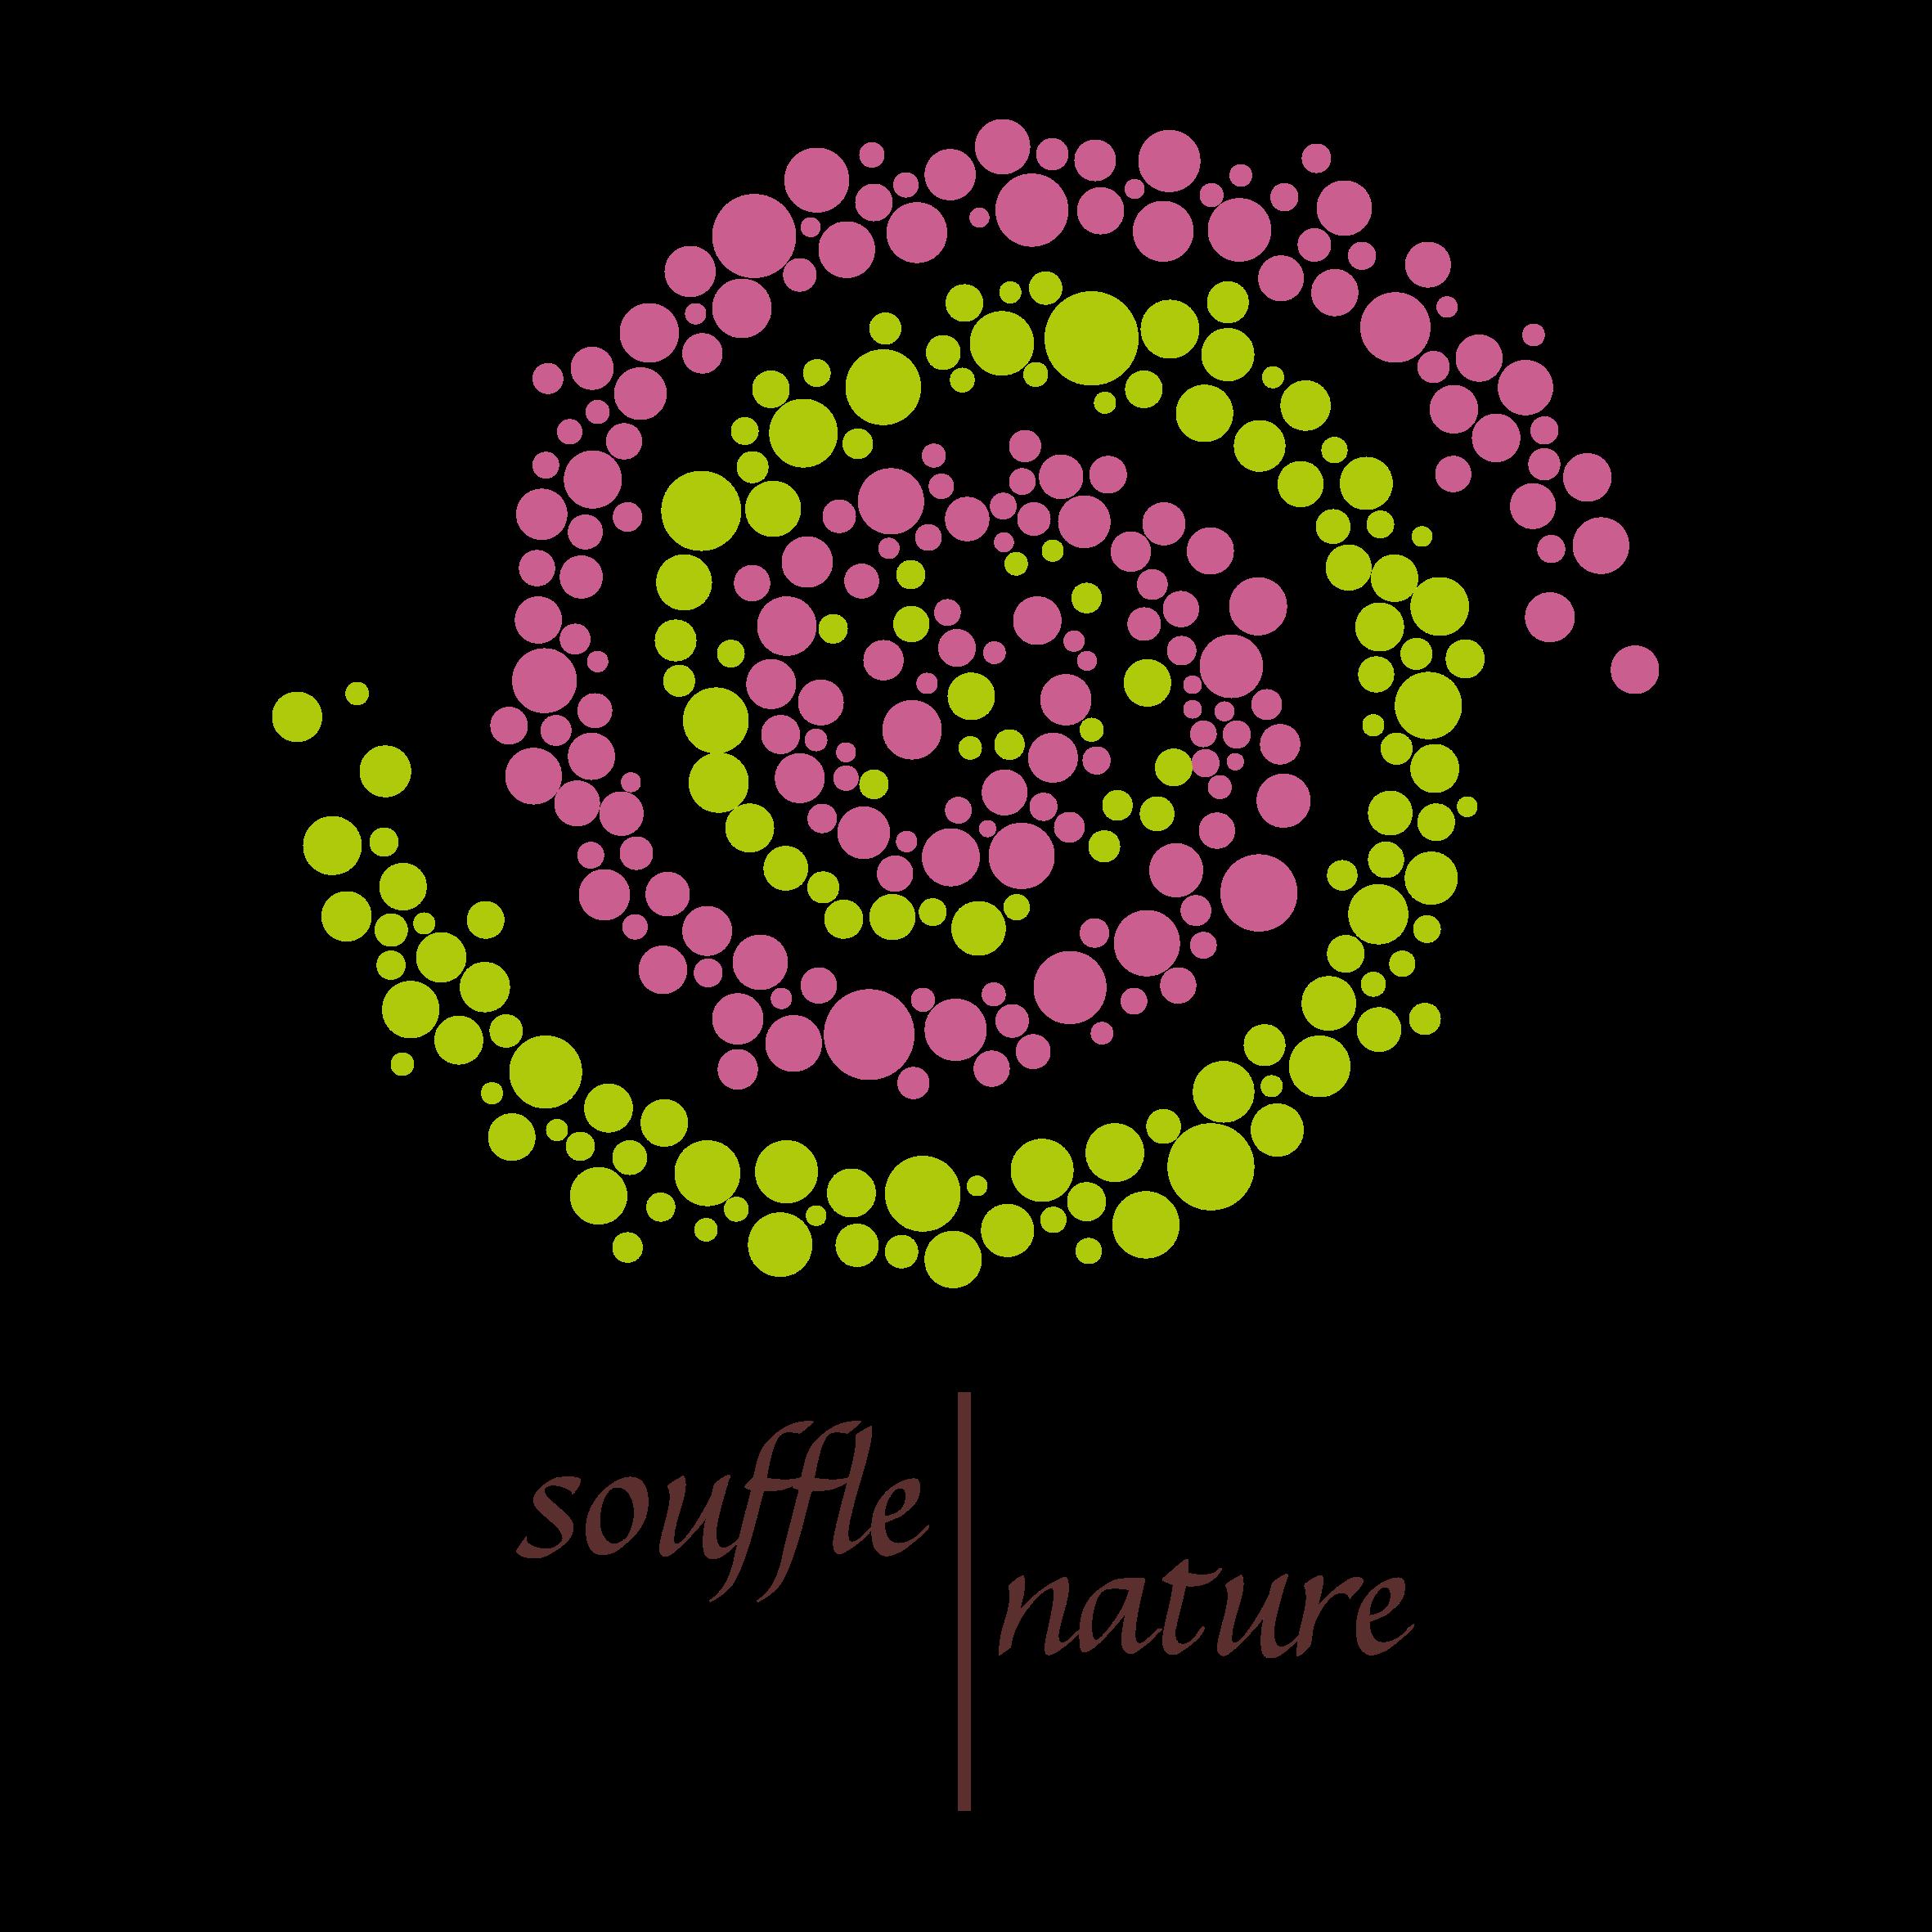 Souffle Nature - Yoga randonnée